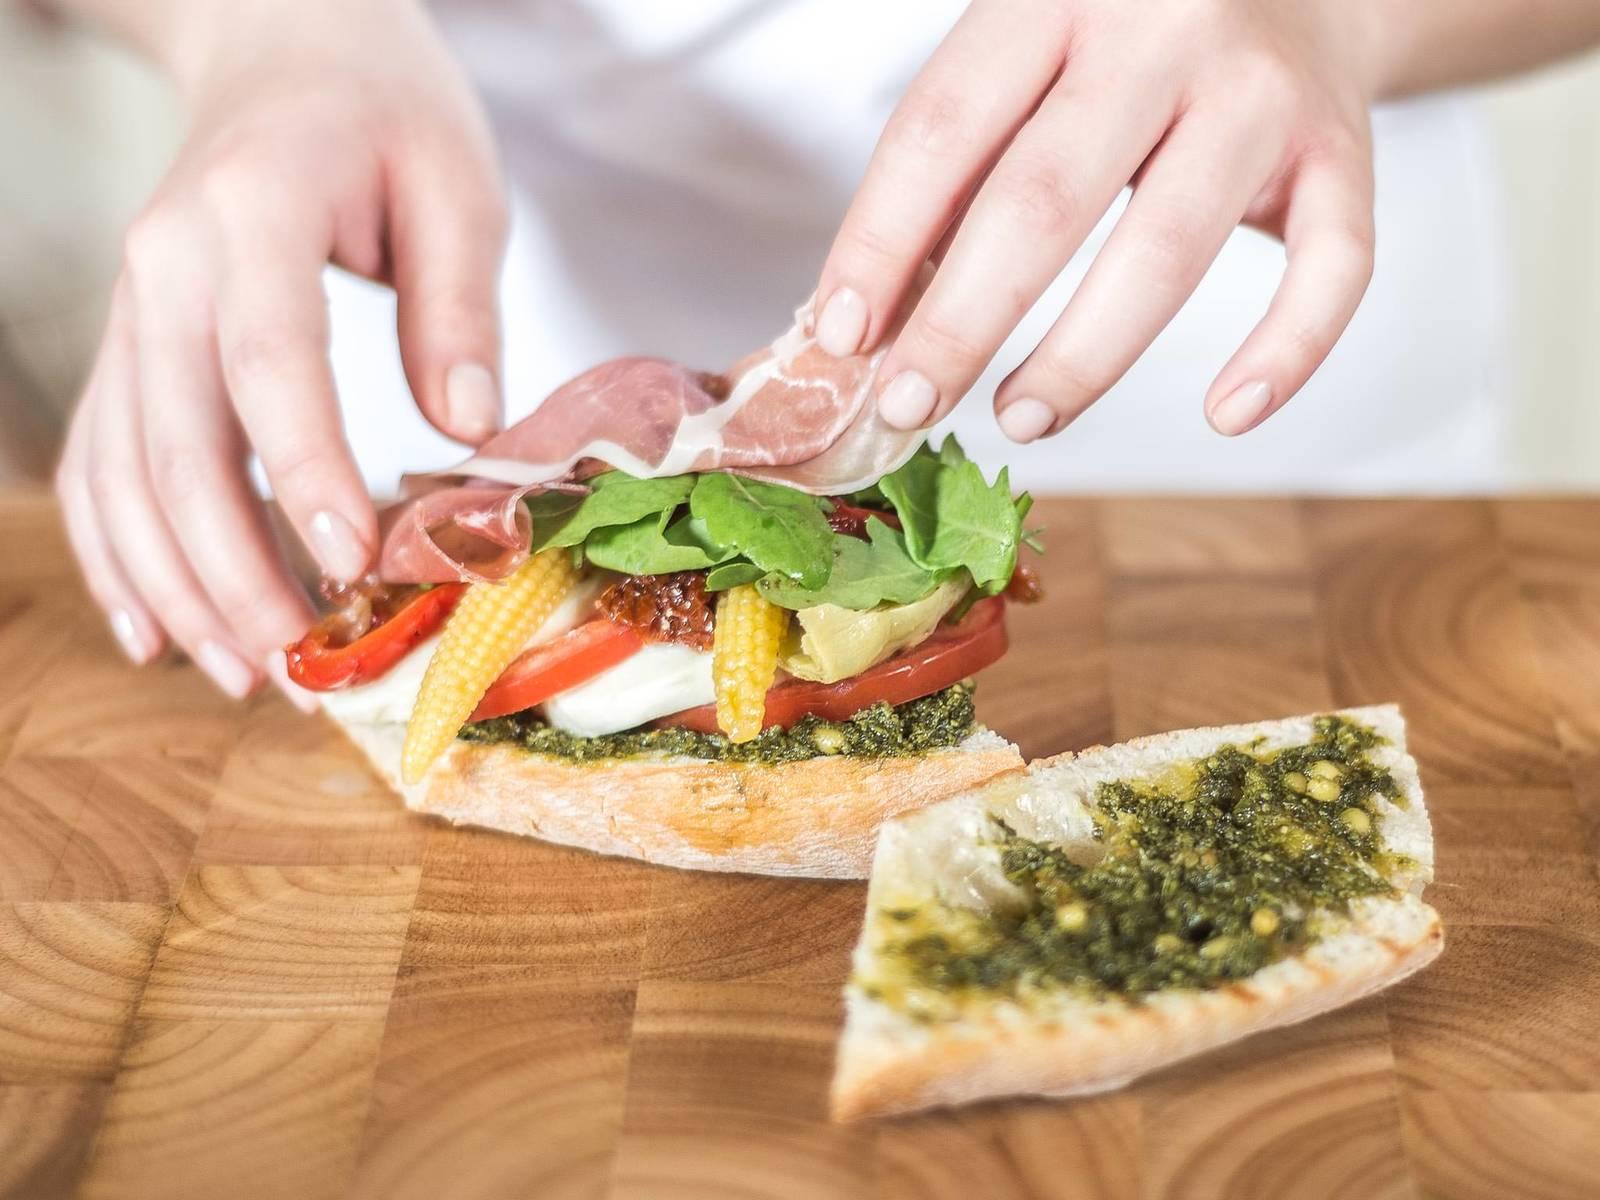 再摆上餐前小菜,帕玛火腿及芝麻菜,最后将另一半面包盖上即可。享用时可用木签插入面包以方便食用。